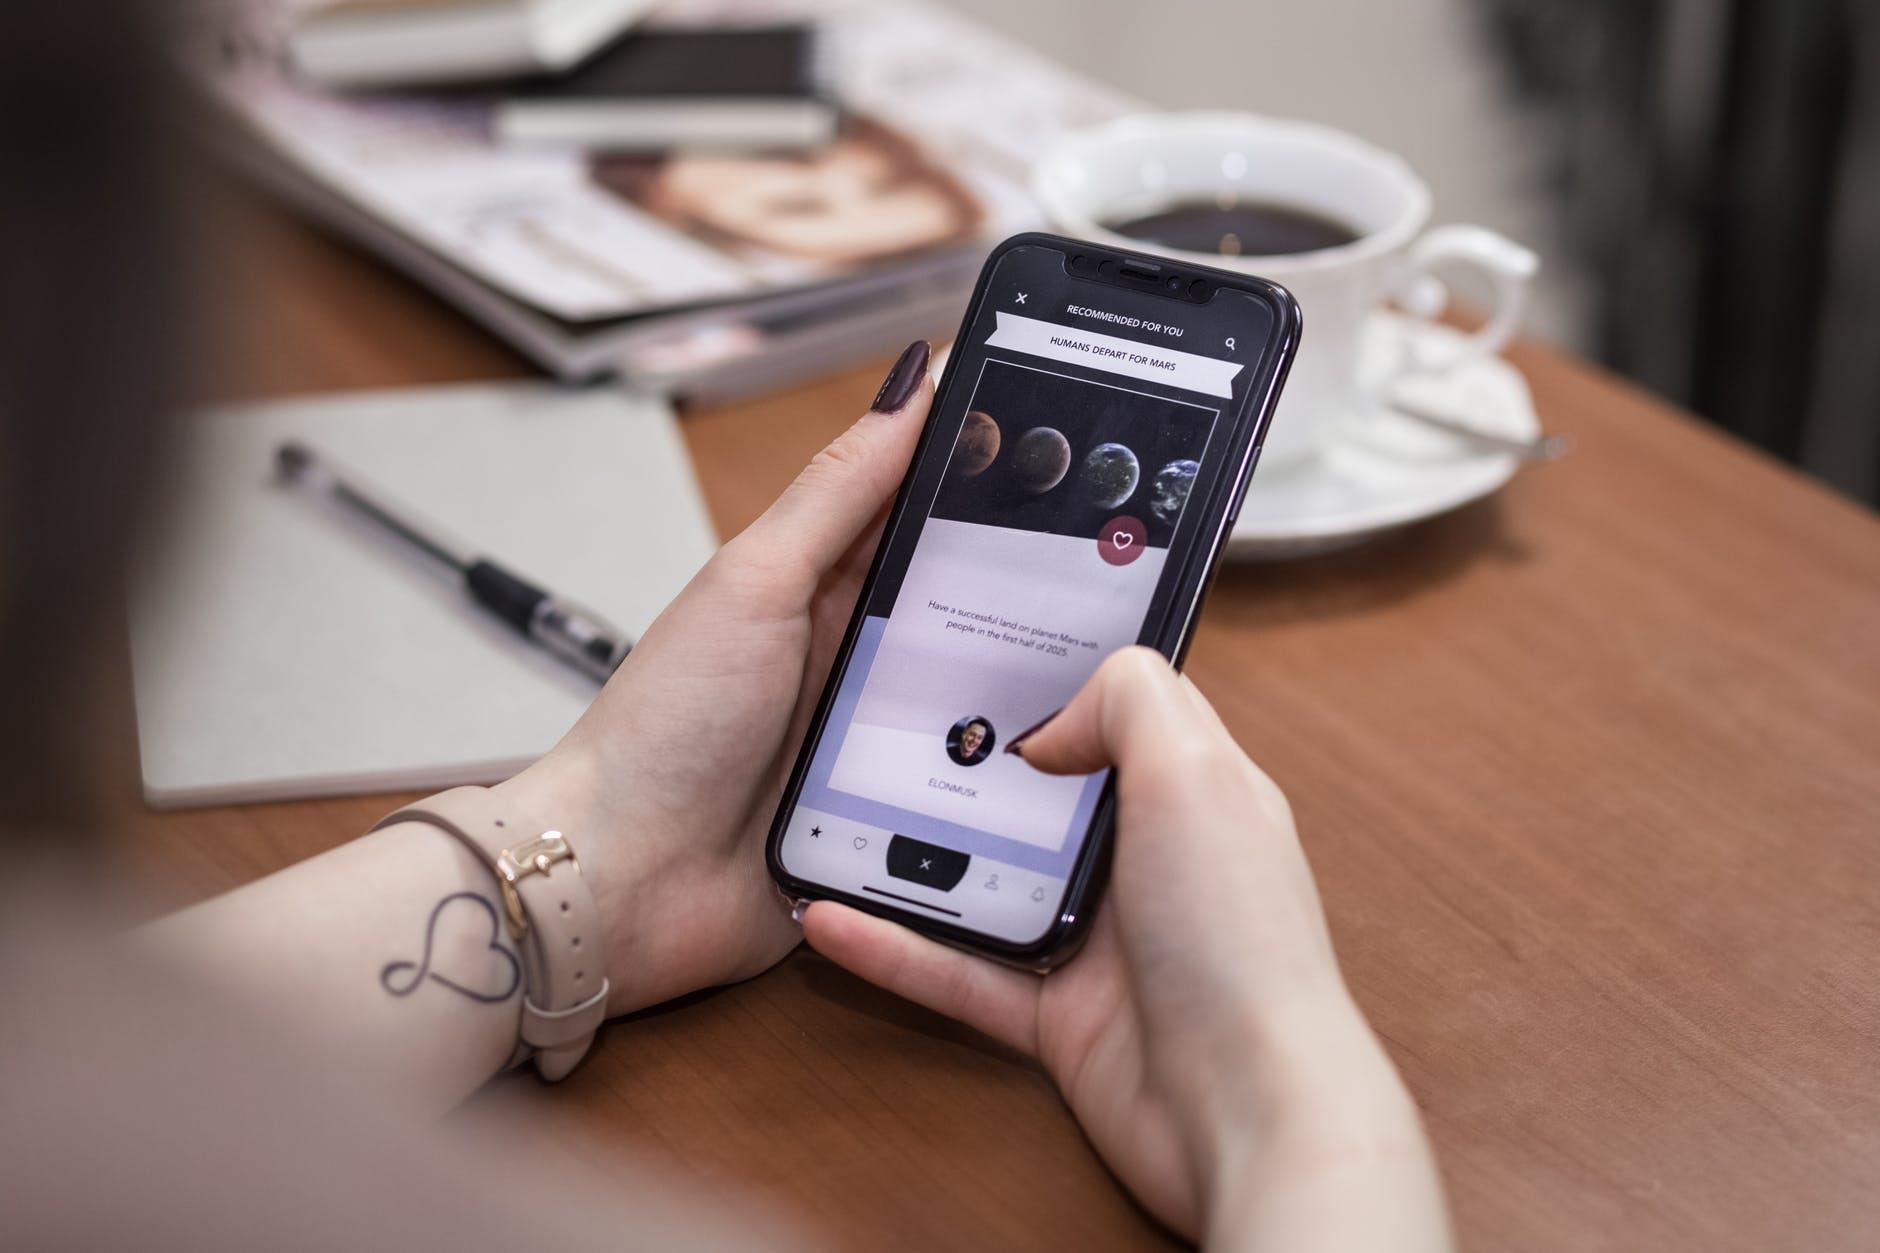 f1 - 12 funções incríveis escondidas no smartphone